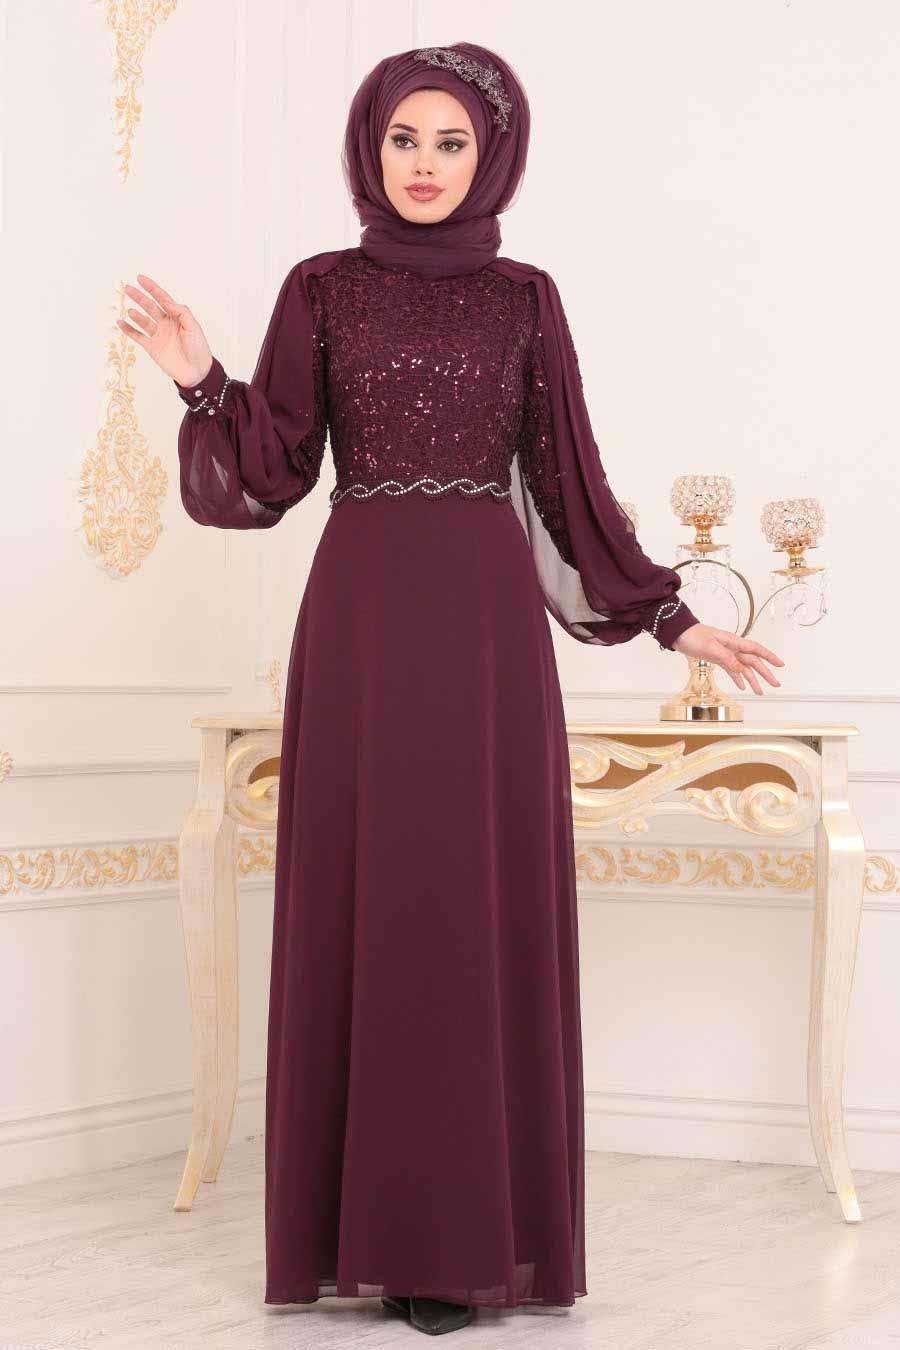 Nayla Collection - Pul Detaylı Mürdüm Tesettür Abiye Elbise 25736MU